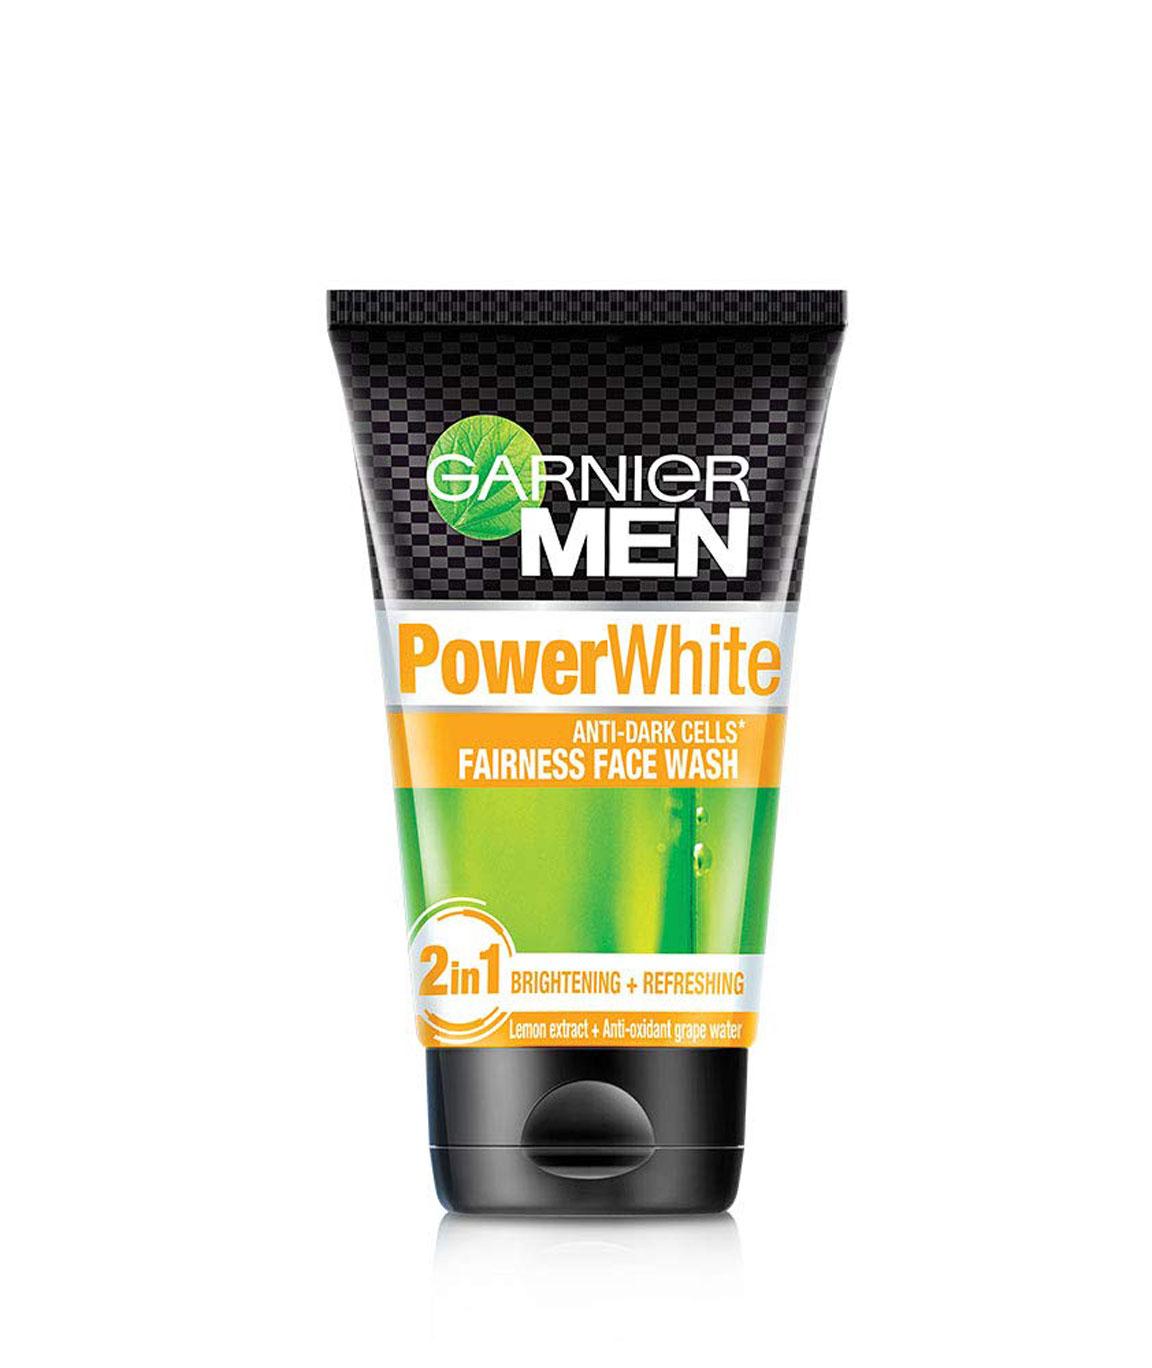 Garnier Men Power White Anti-Dark Cells Fairness Face Wash, 100gm